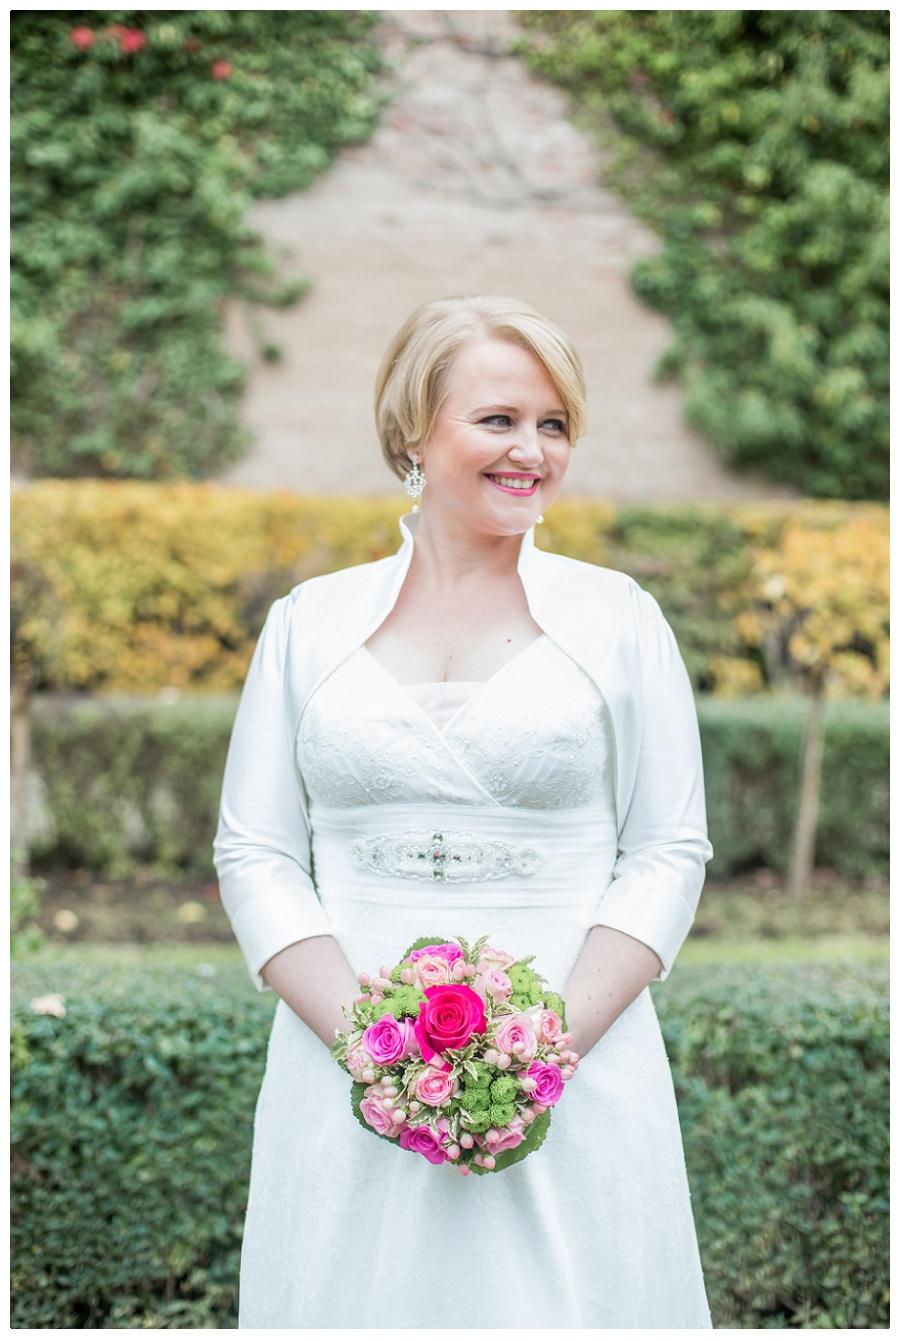 Hochzeitsbilder_ClaudiaPelny_Nuernberg_0023